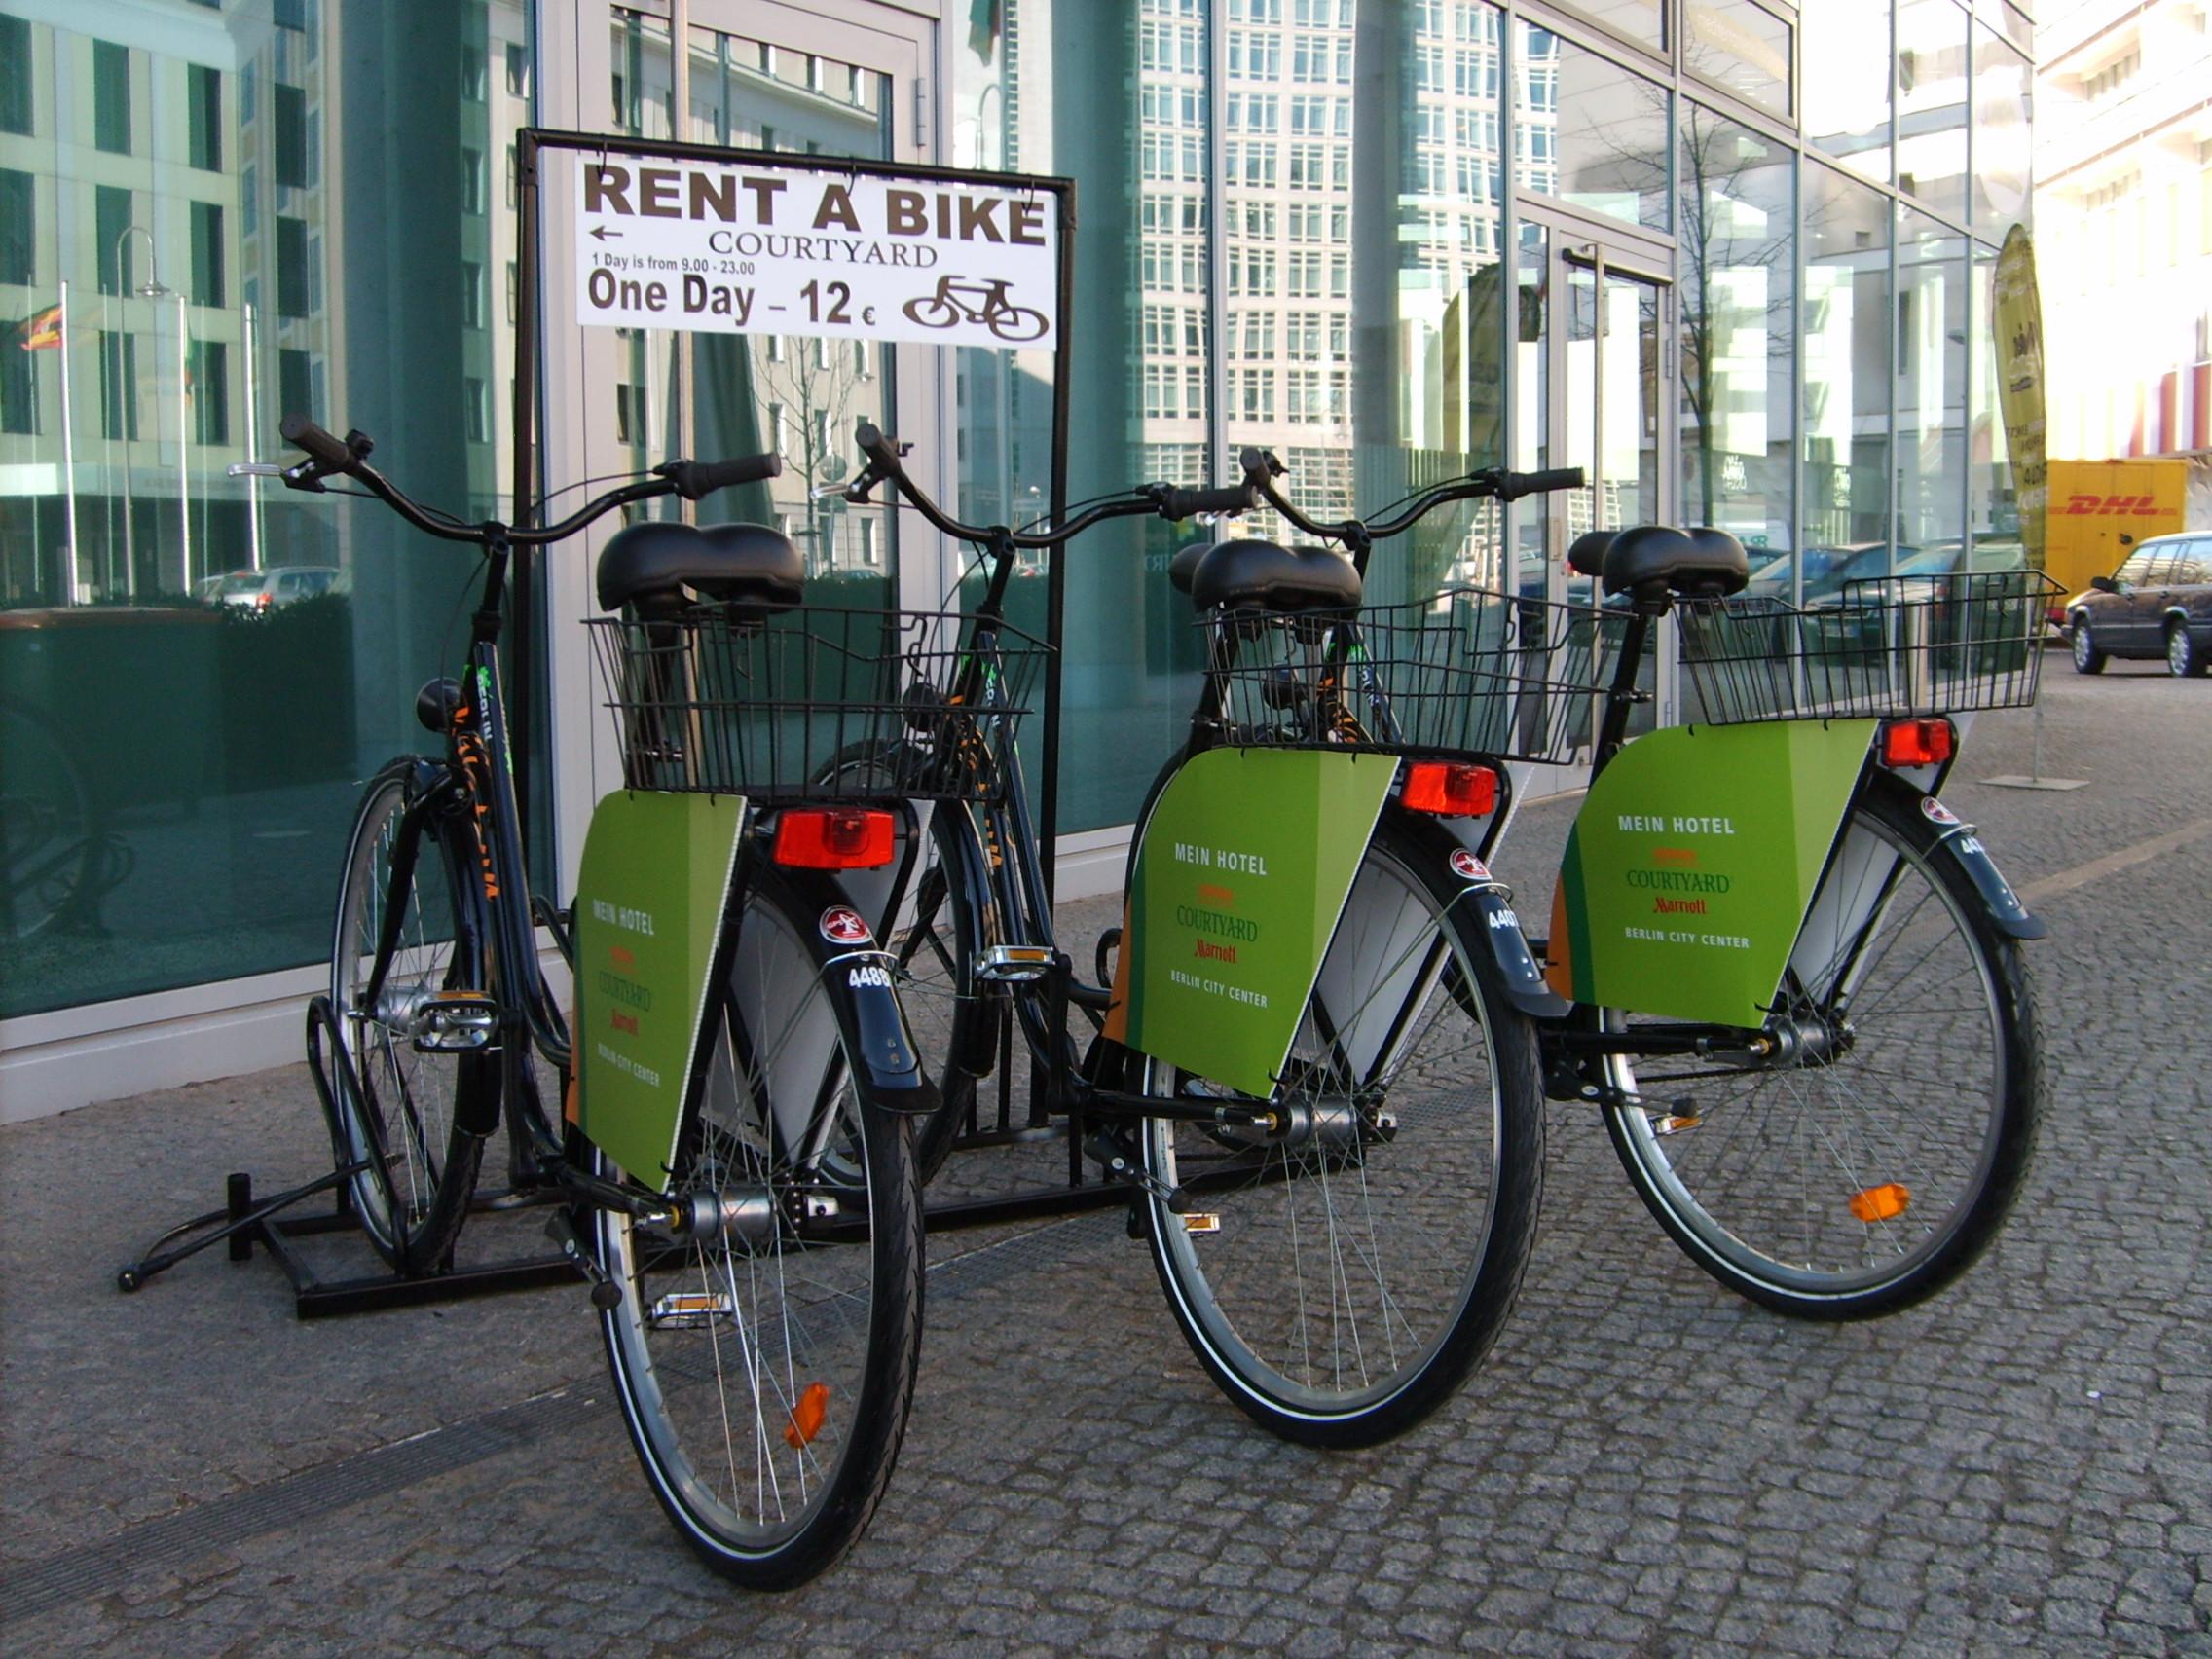 Berlin hotel offers